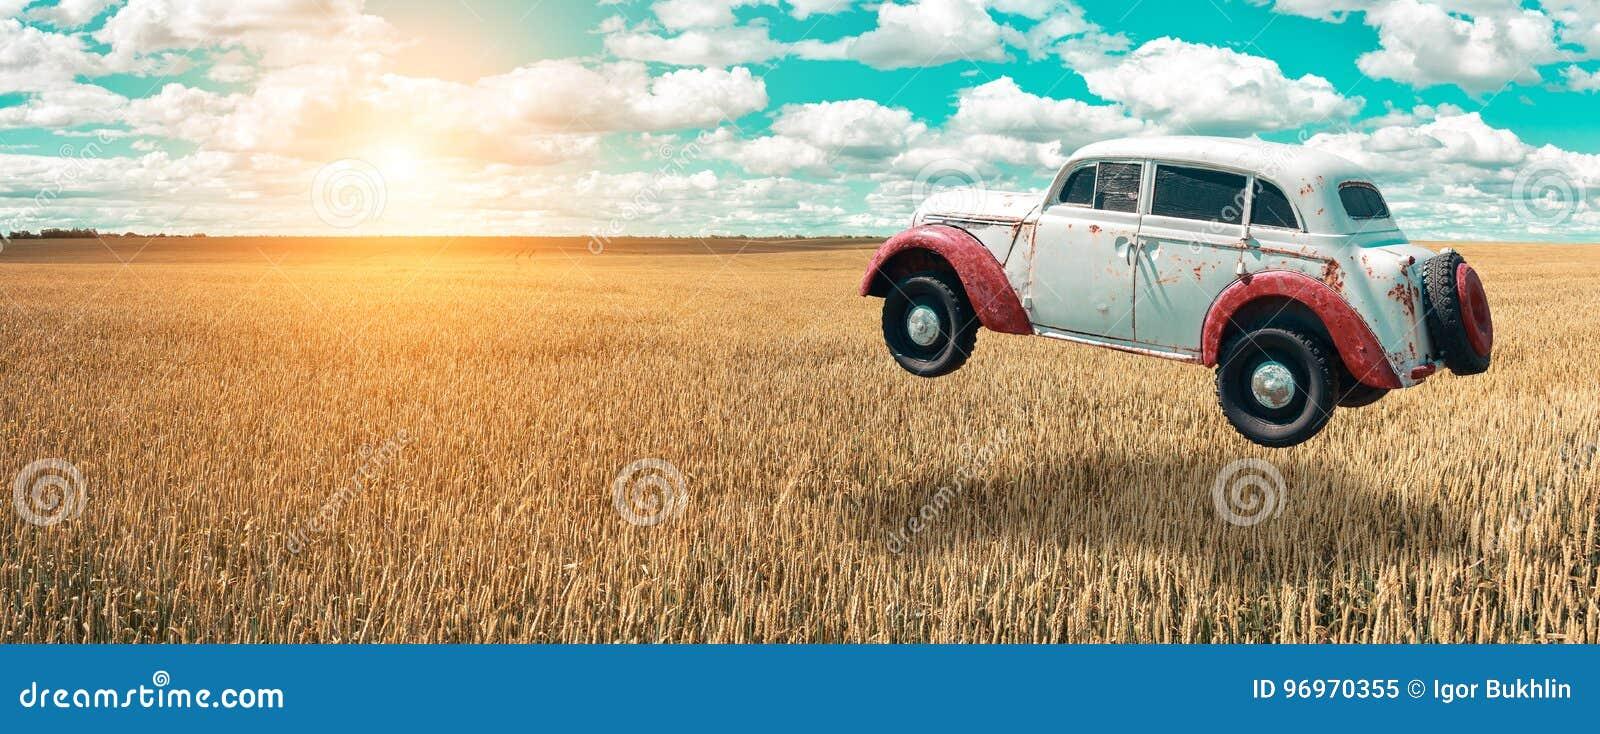 La voiture de vol monte dans le ciel La rétro automobile plane dans le ciel au-dessus d un champ de blé d or sur le fond du ciel